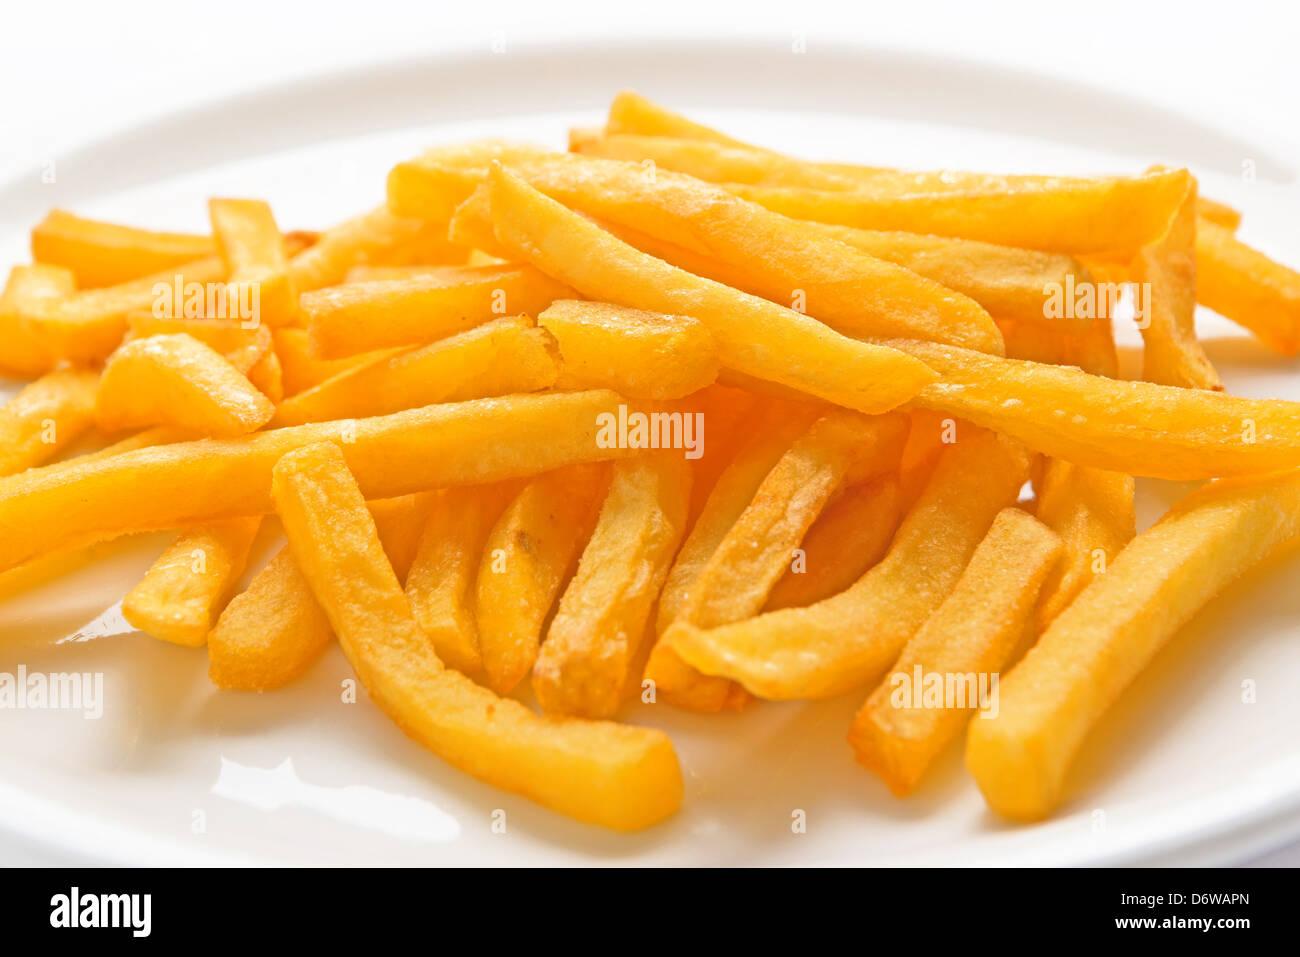 Pommes frites serviert auf weiße flache Teller. Stockbild